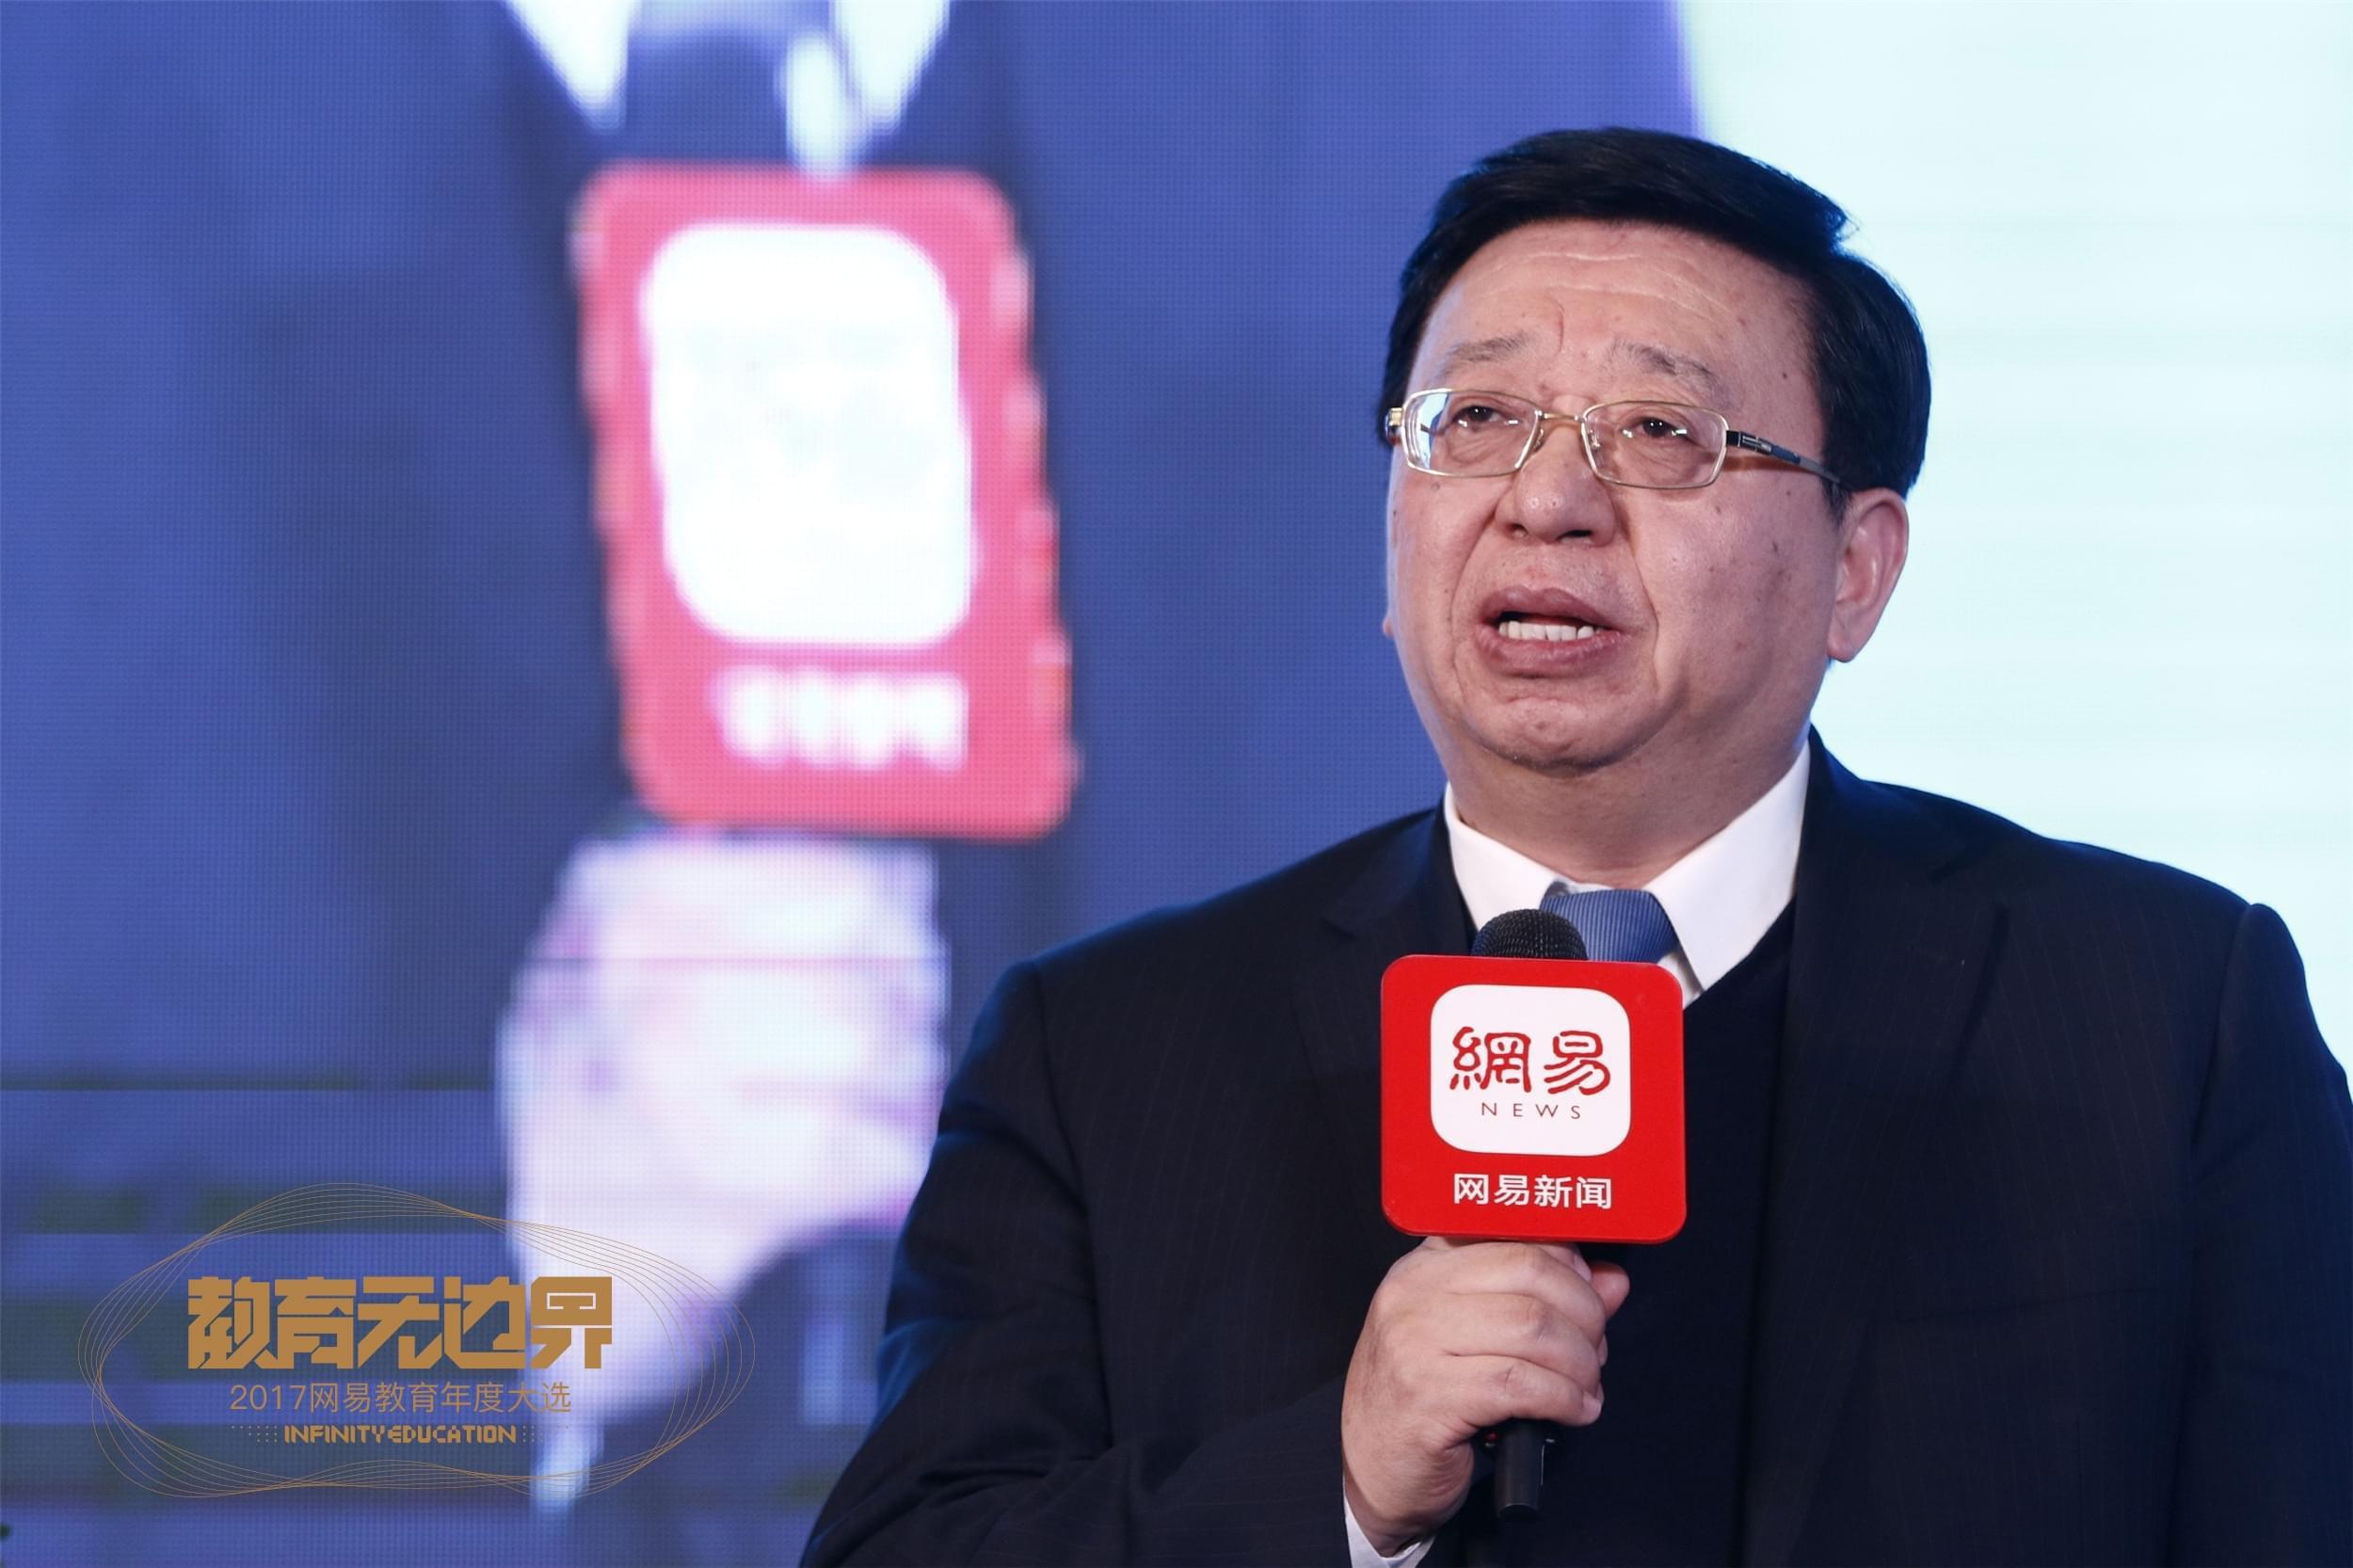 北京市第三十五中学校长朱建民先生